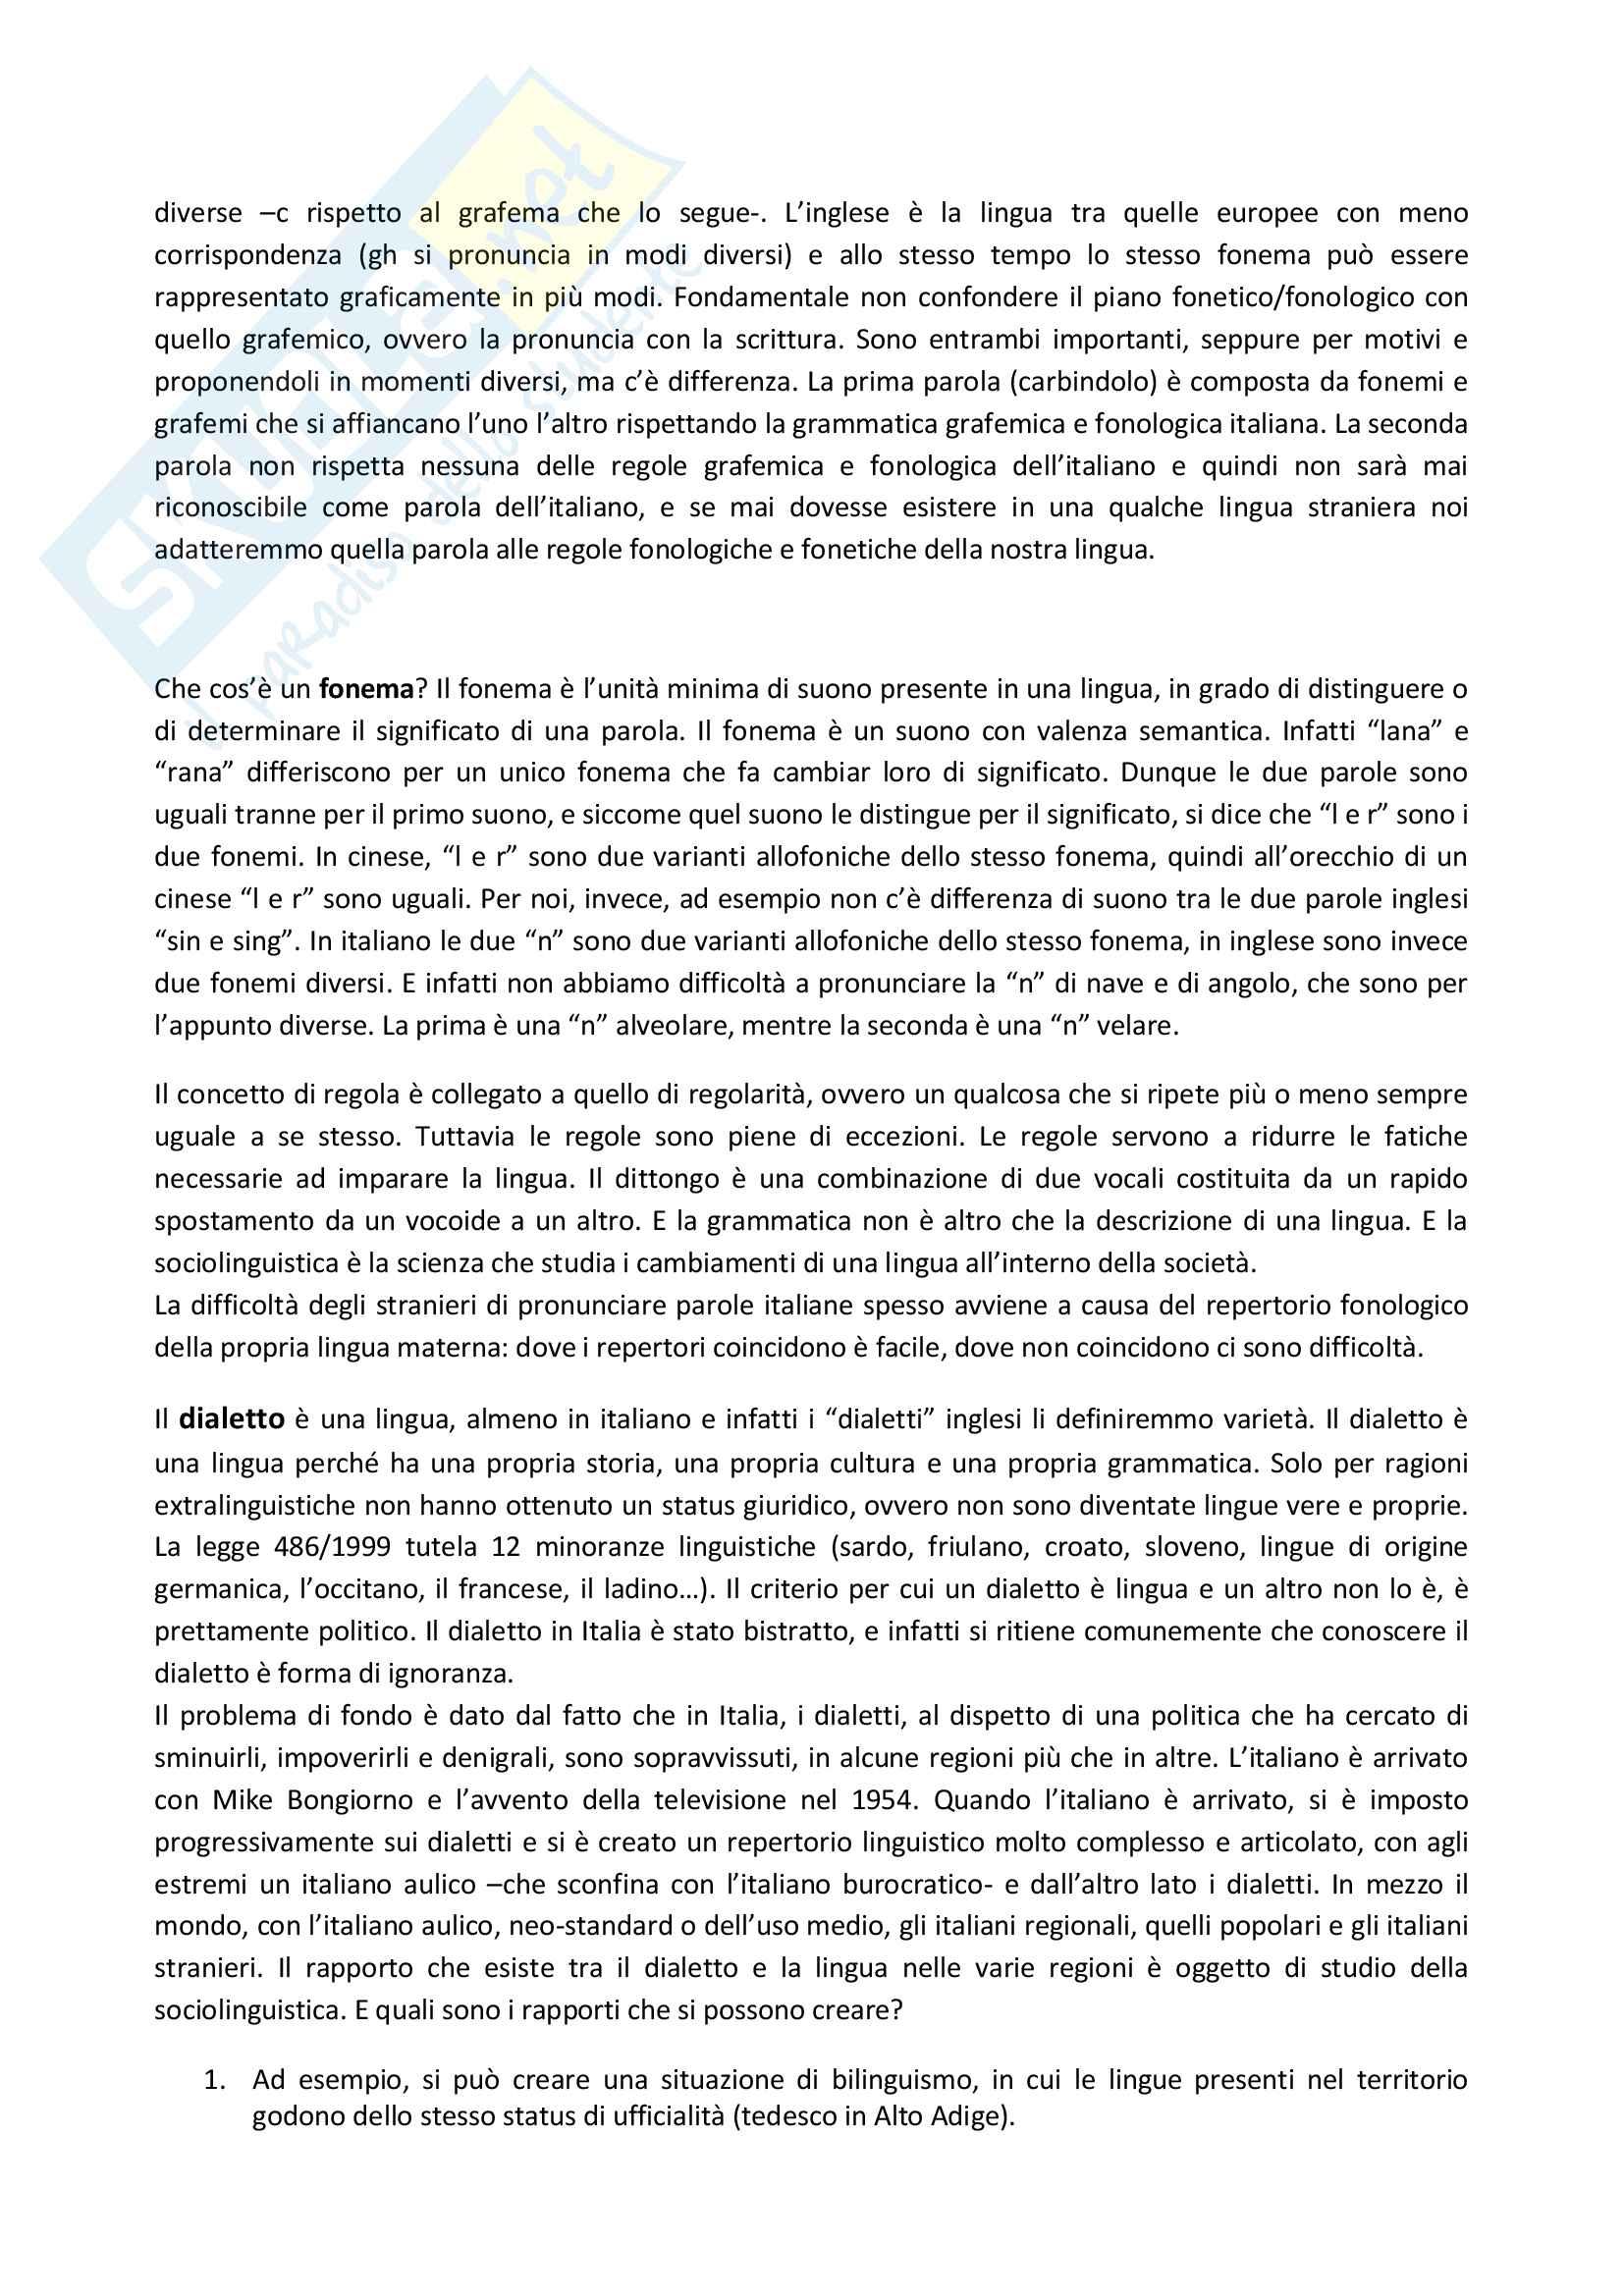 Appunti delle lezioni di Didattica dell'italiano L2 prof Santipolo Pag. 6